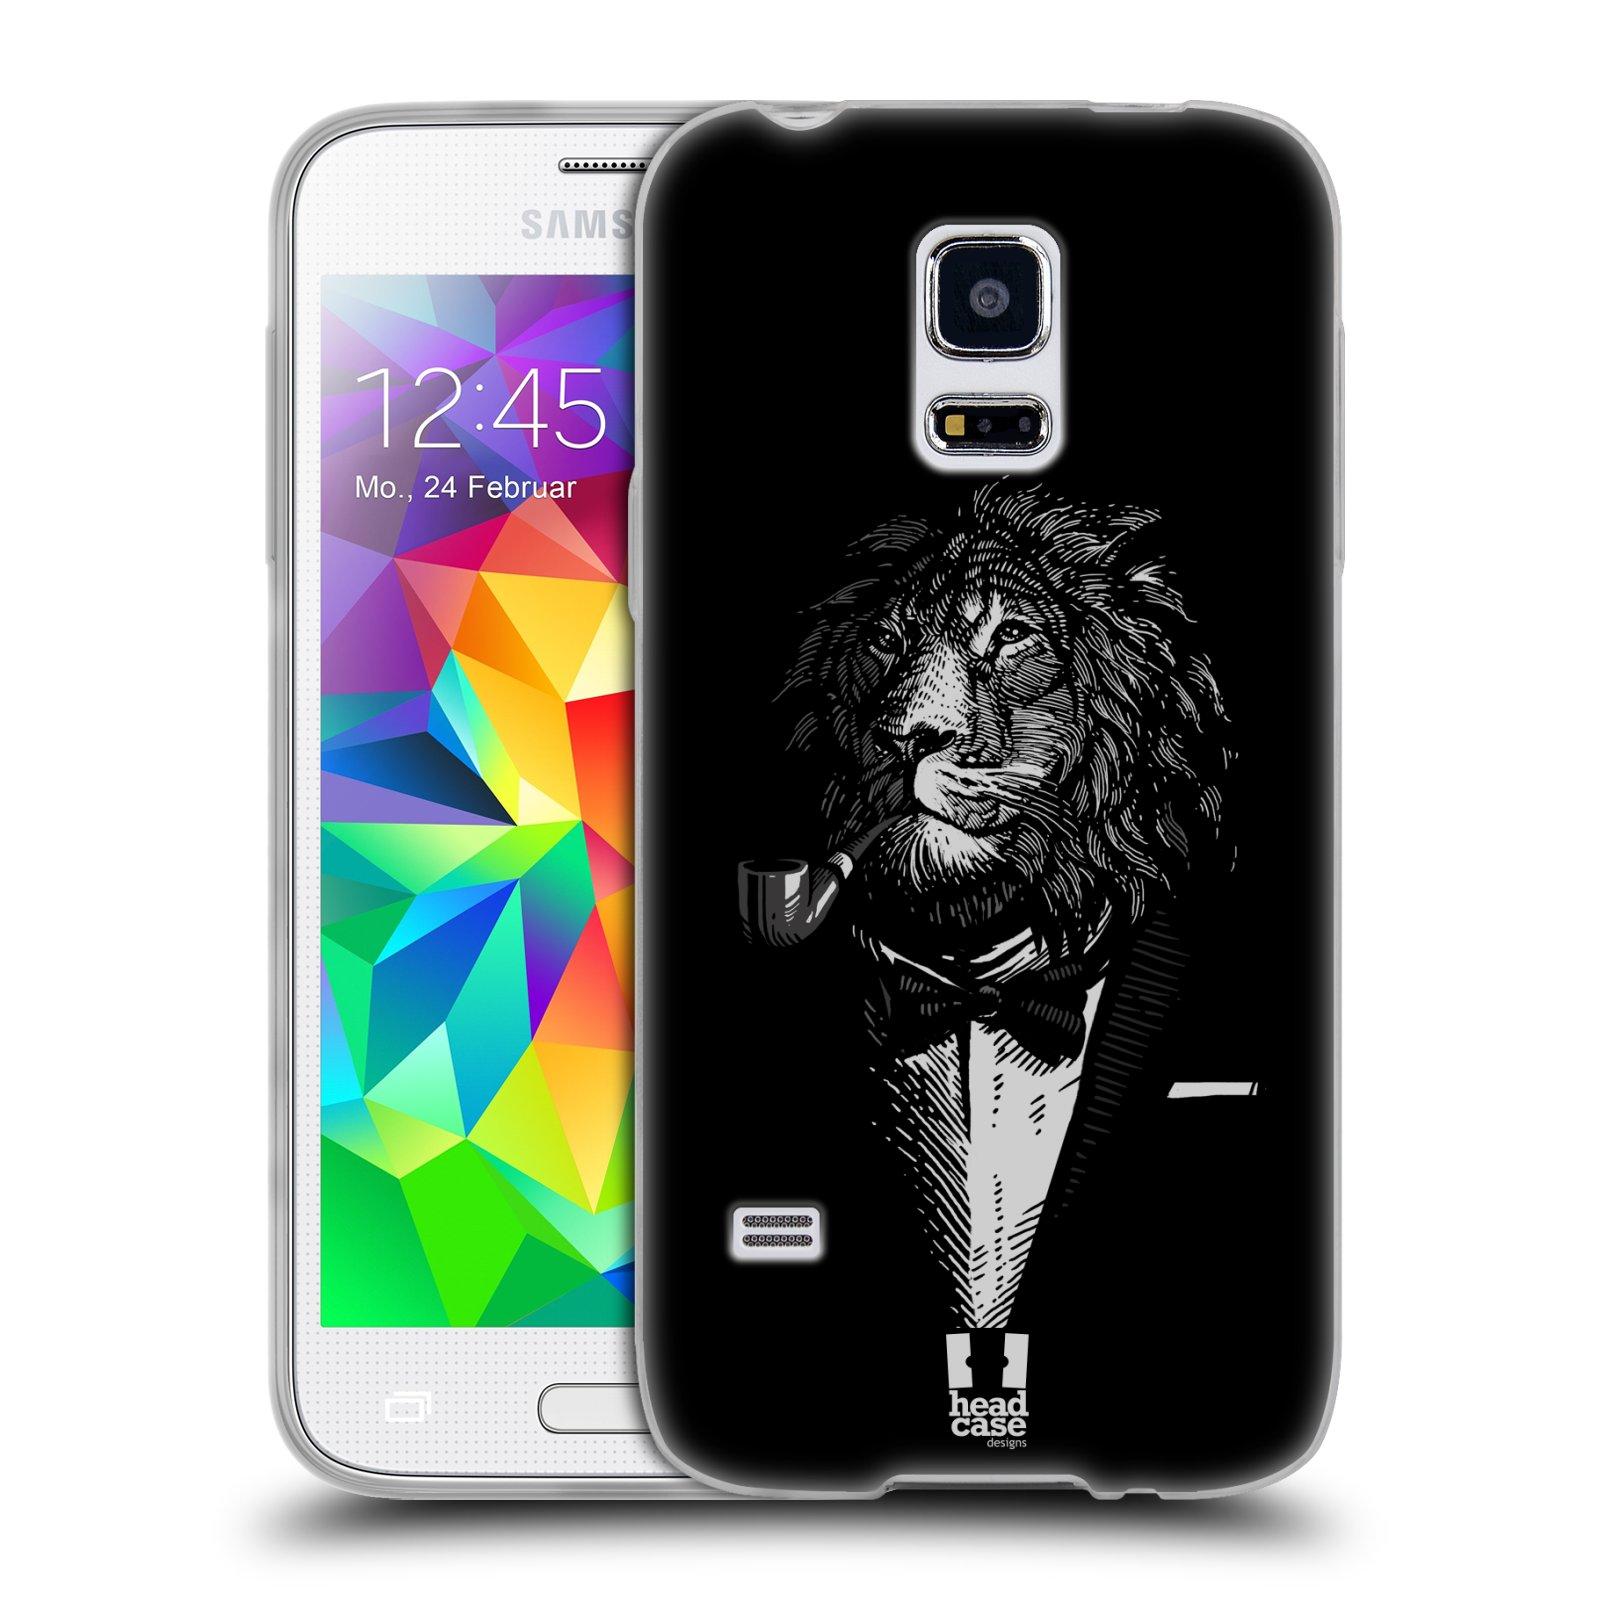 HEAD CASE silikonový obal na mobil Samsung Galaxy S5 MINI vzor Zvíře v obleku lev